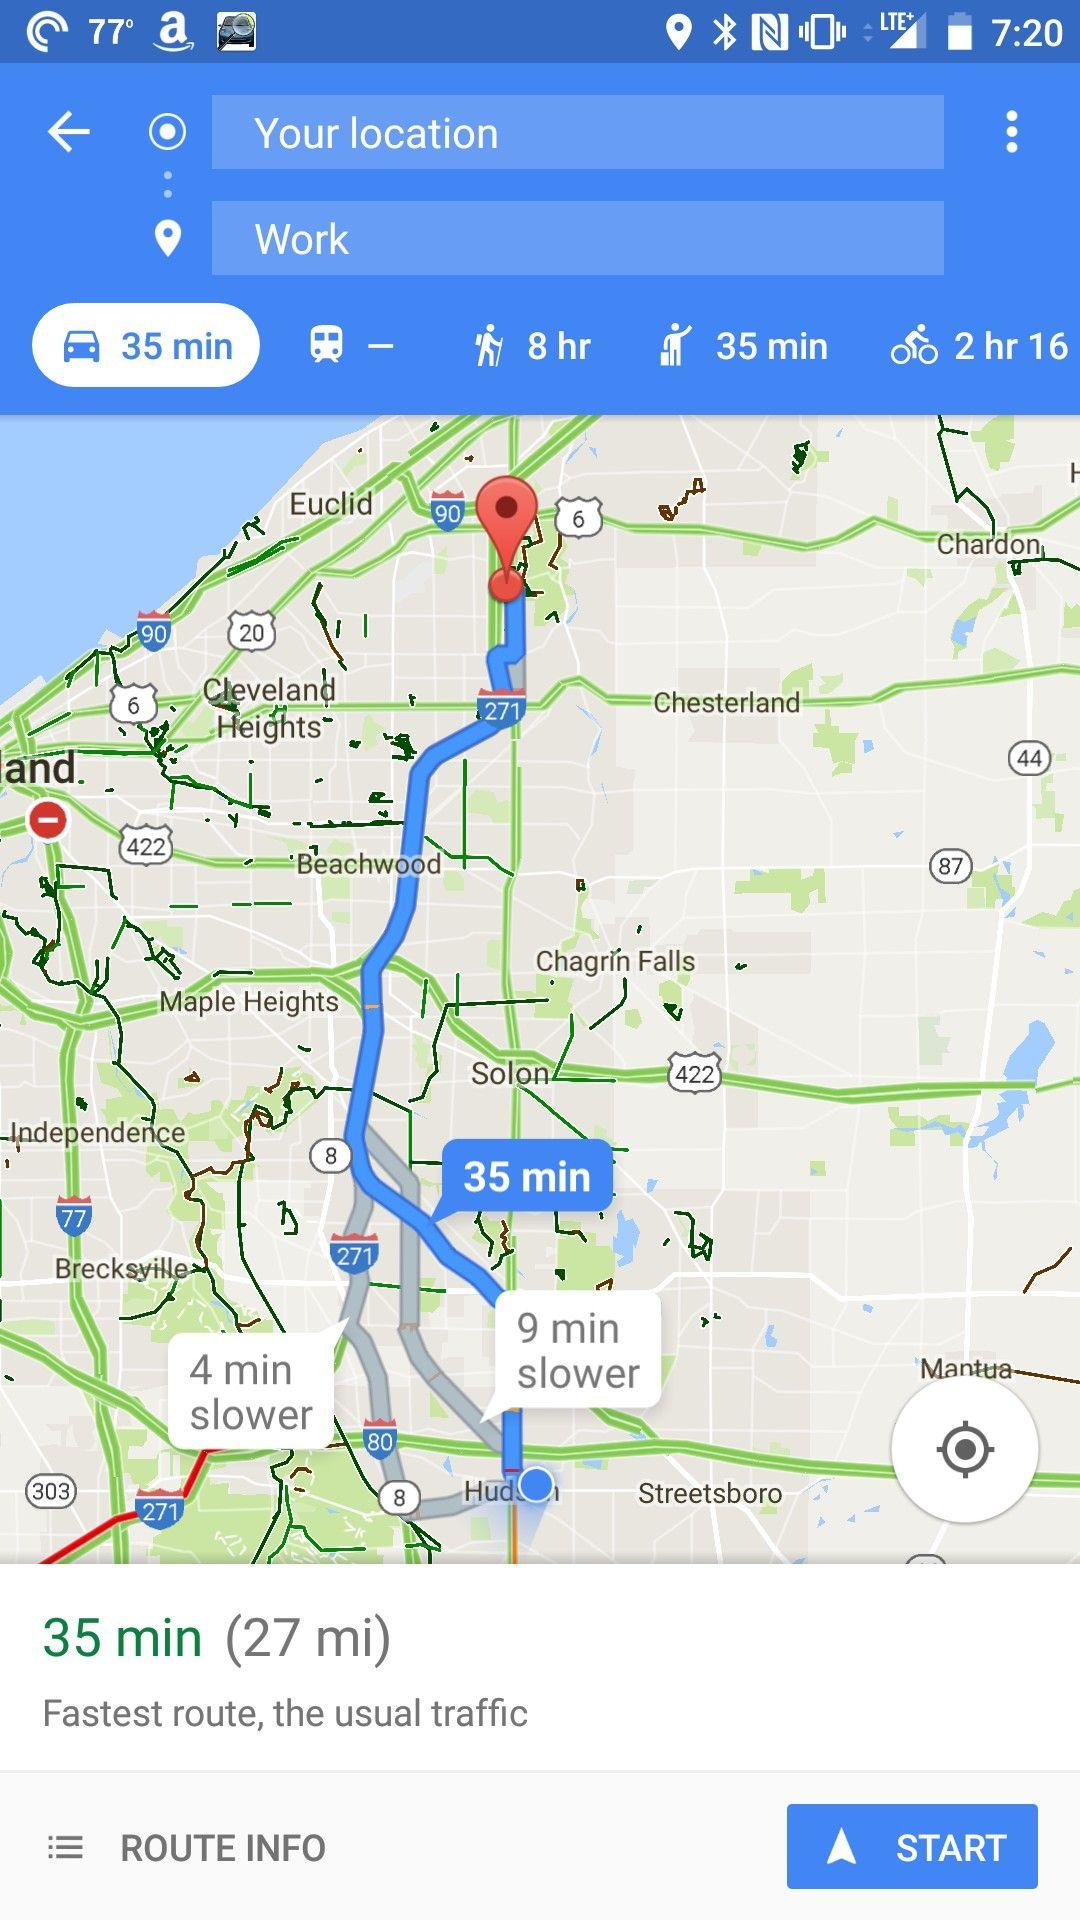 Google maps route options | Good App Designs